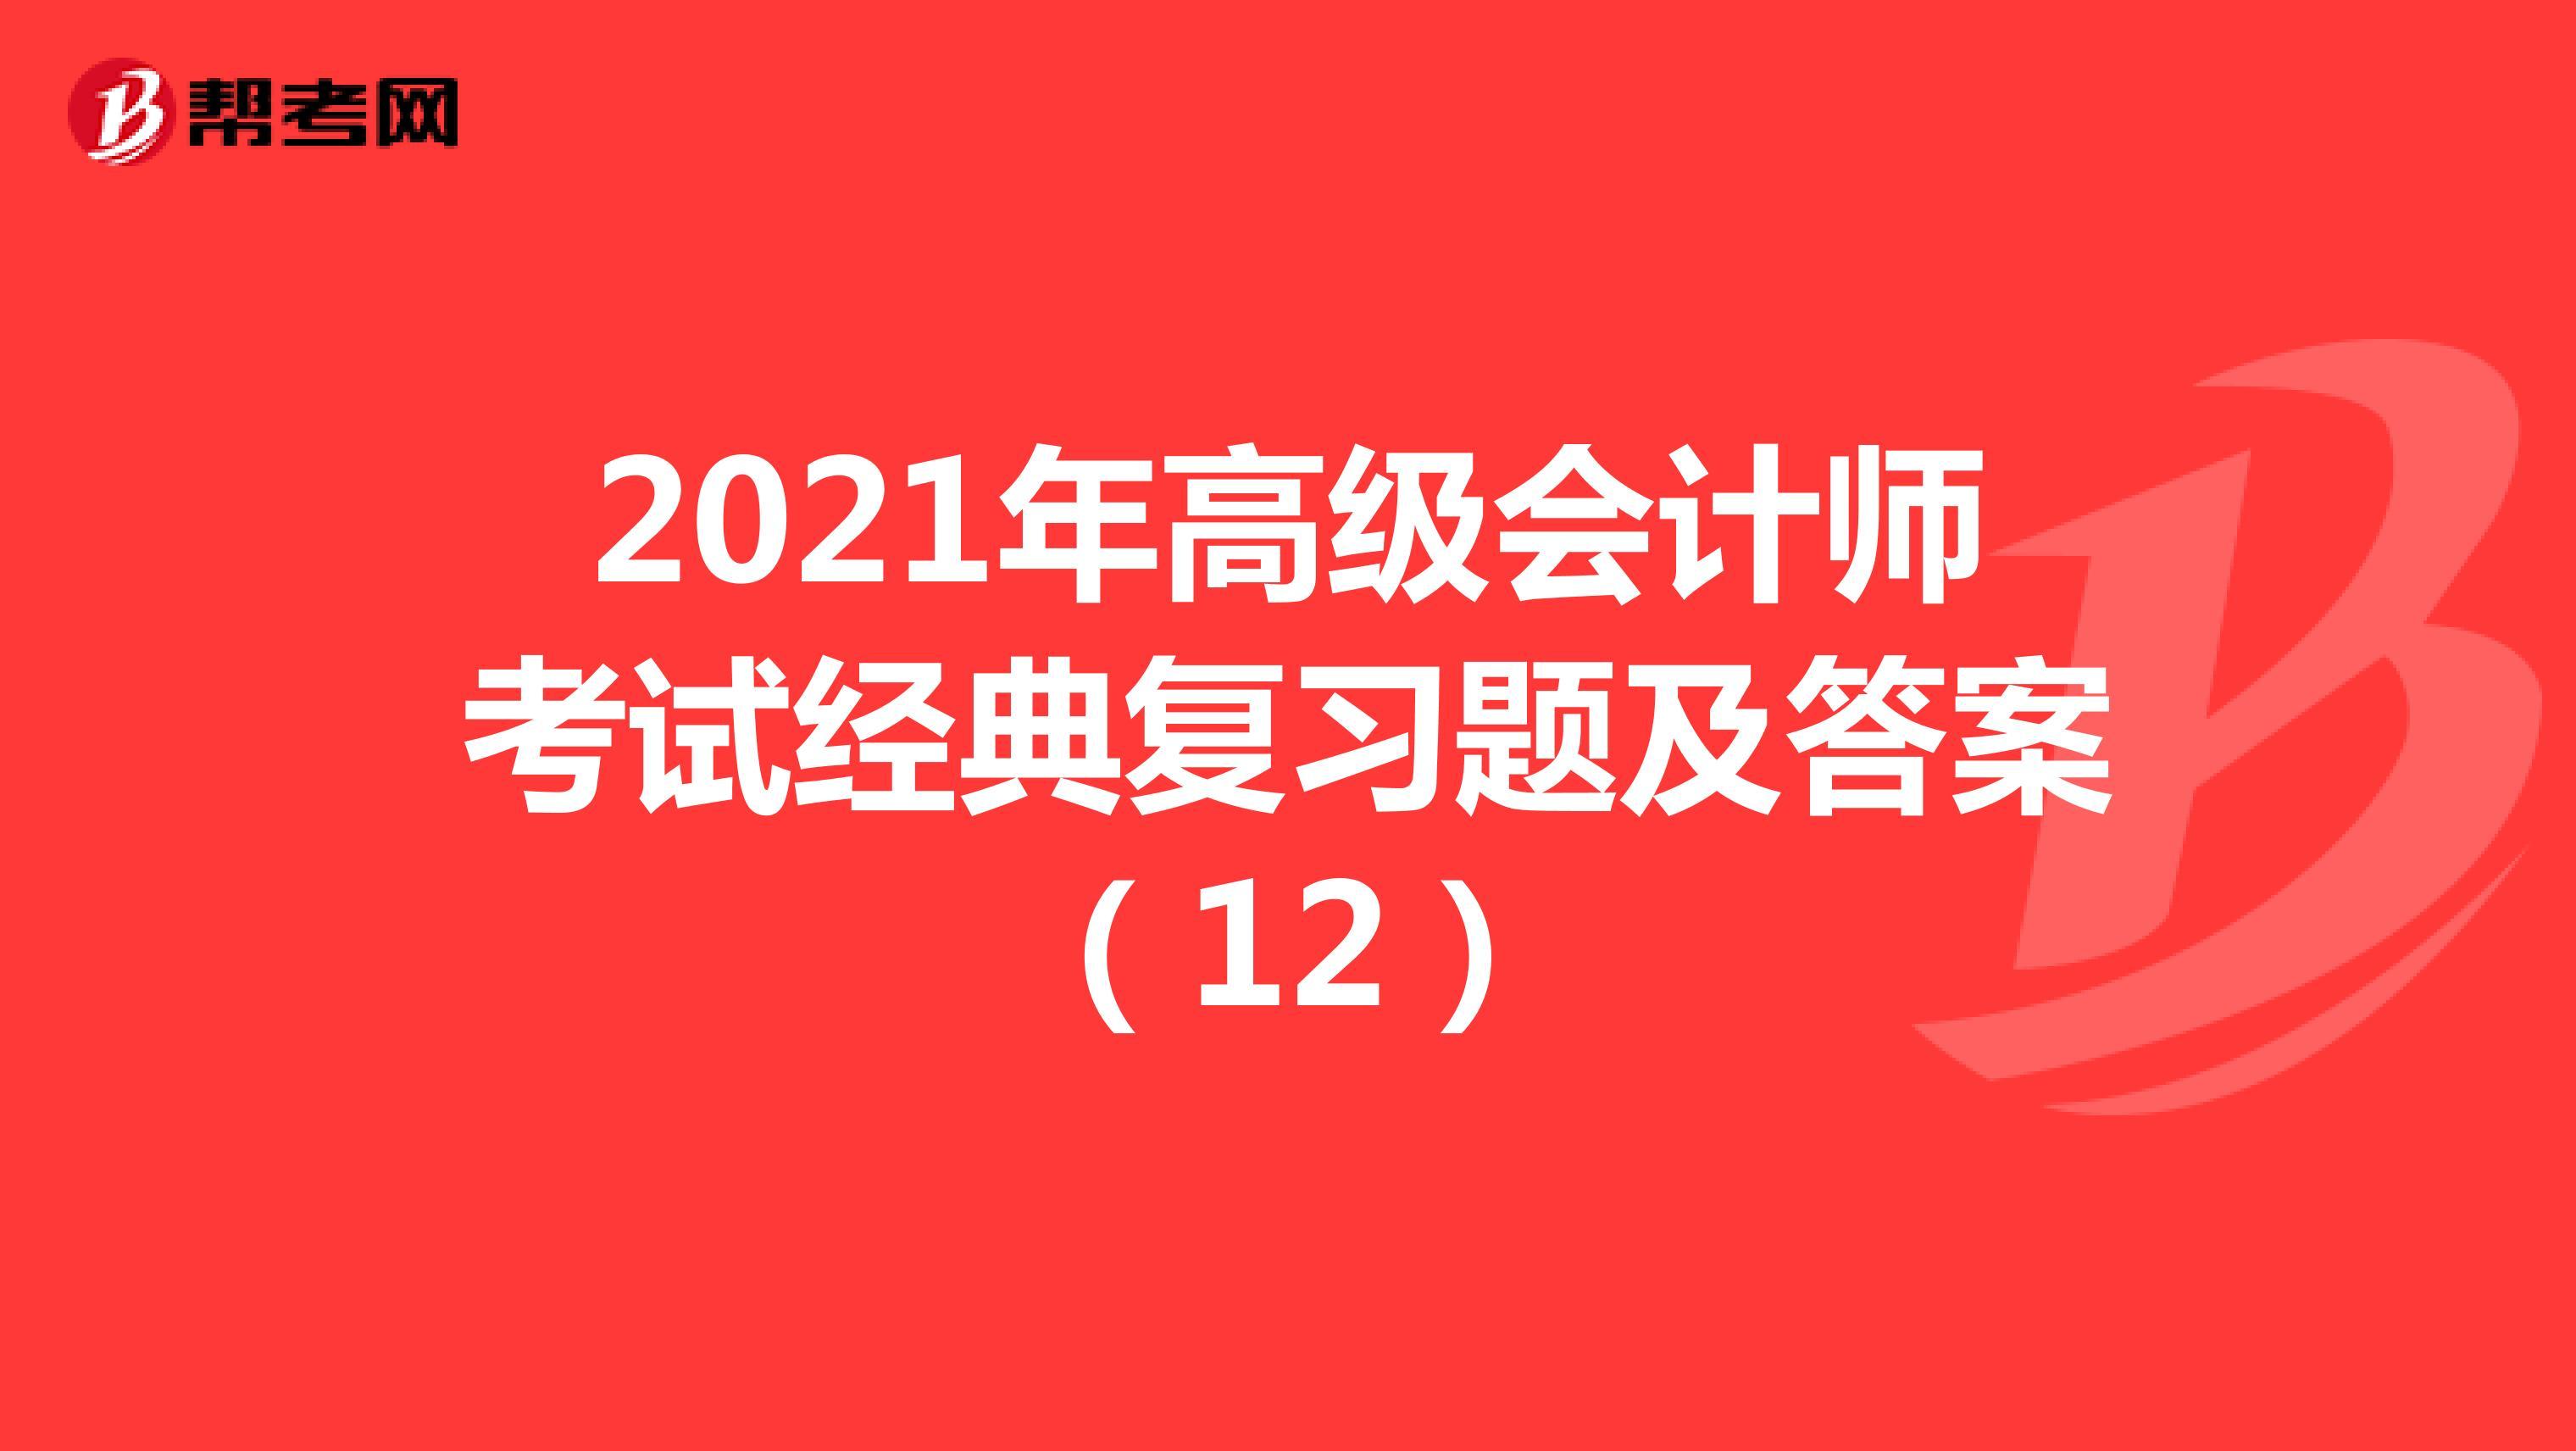 2021年高级会计师考试经典复习题及答案(12)